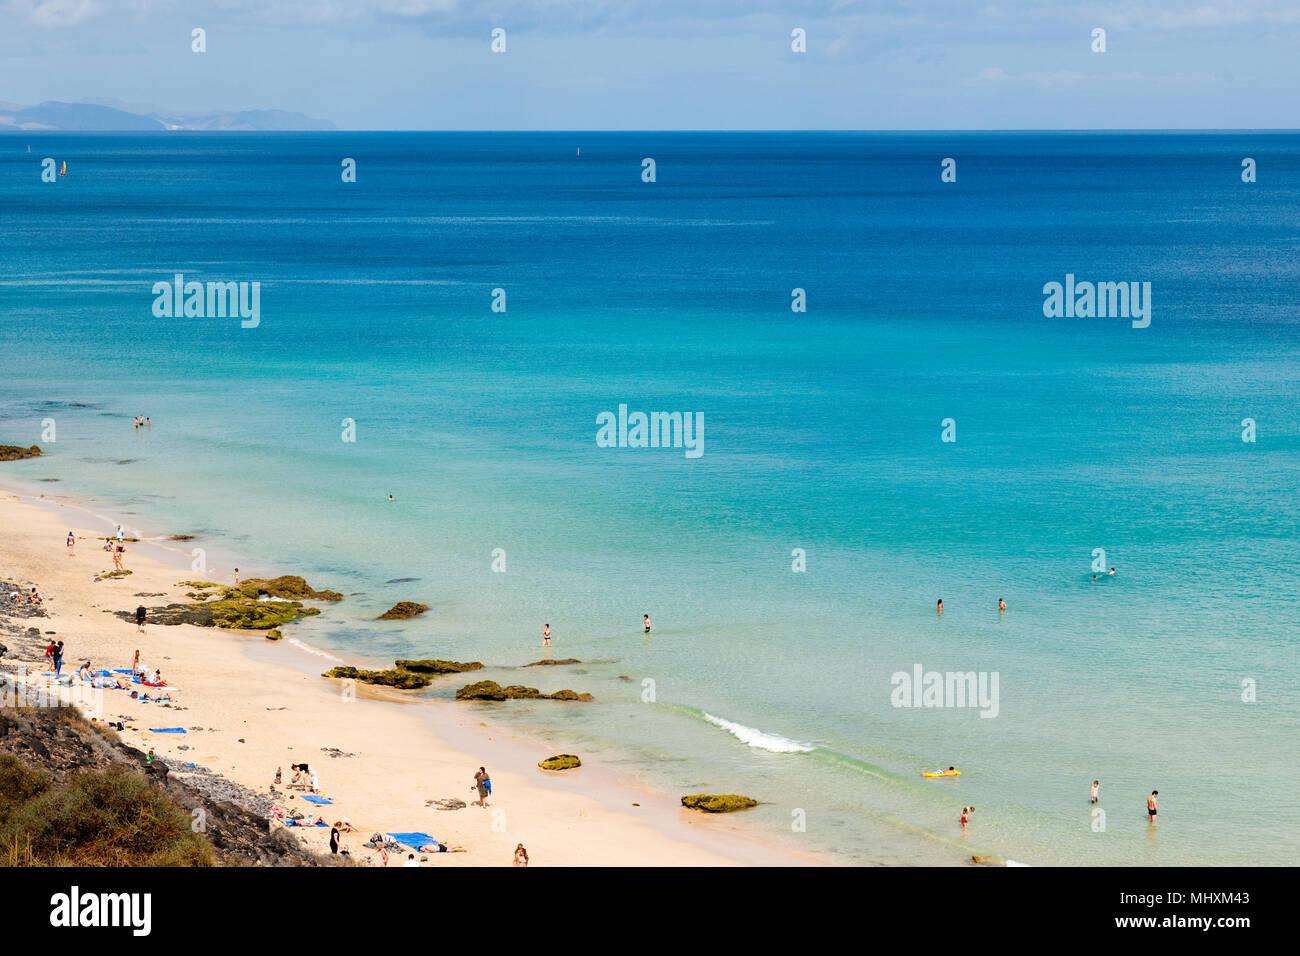 Beach, Fuerteventura, Kanarische Inseln, Spanien, Europa, Atlantik / Fuerteventura | Strand, Fuerteventura, Kanarische Inseln, Kanaren, Spanien, Europa, An Stockbild